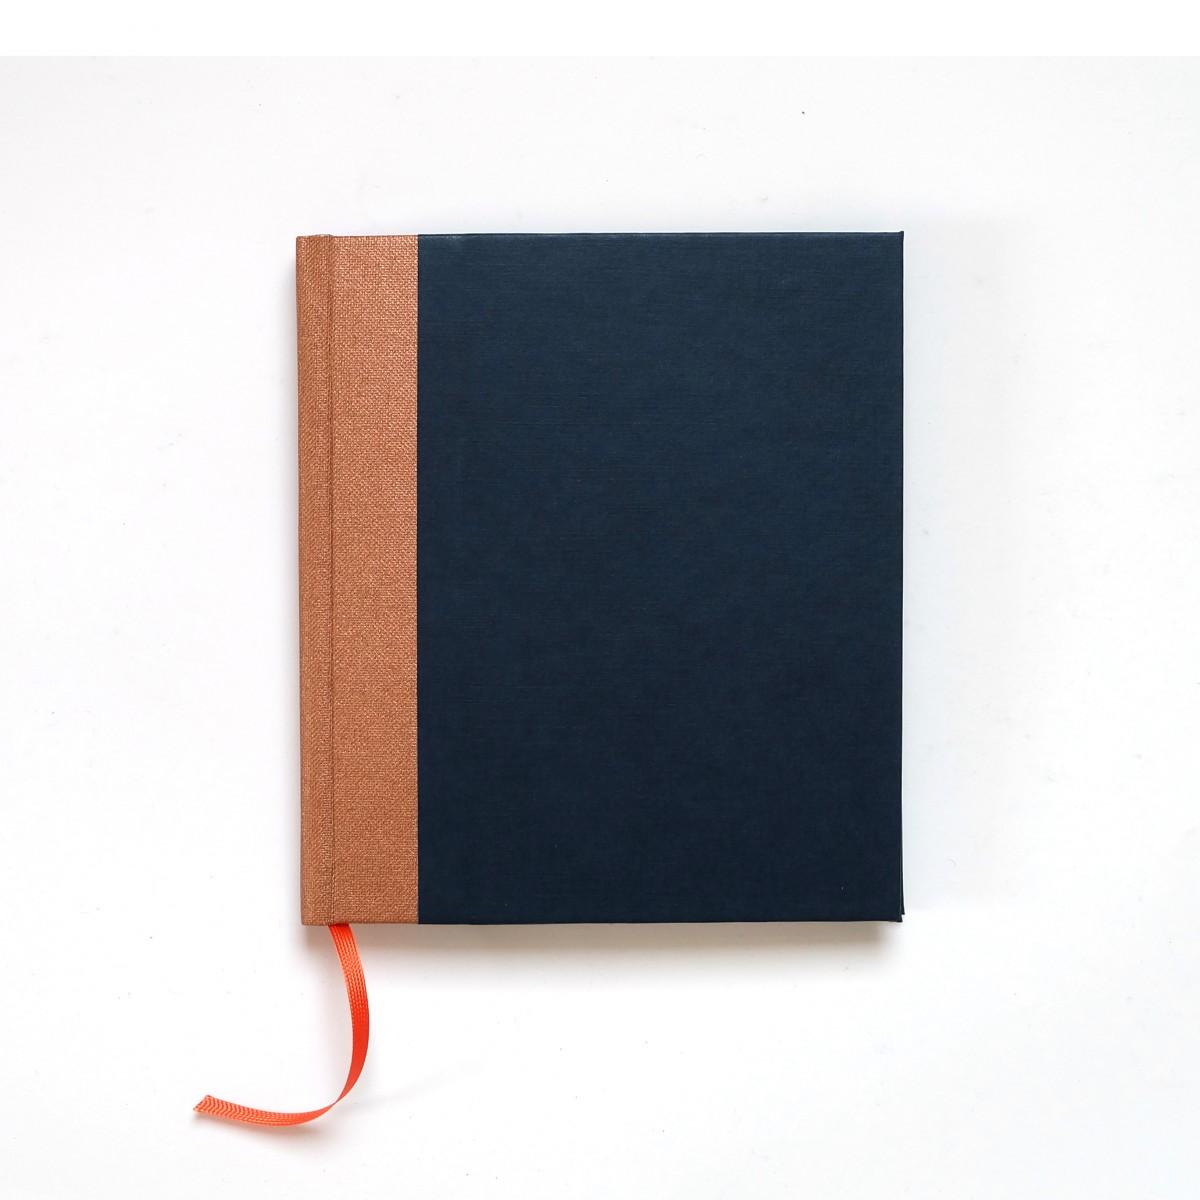 Nauli Poesiealbum - Tagebuch kupfer nachtblau